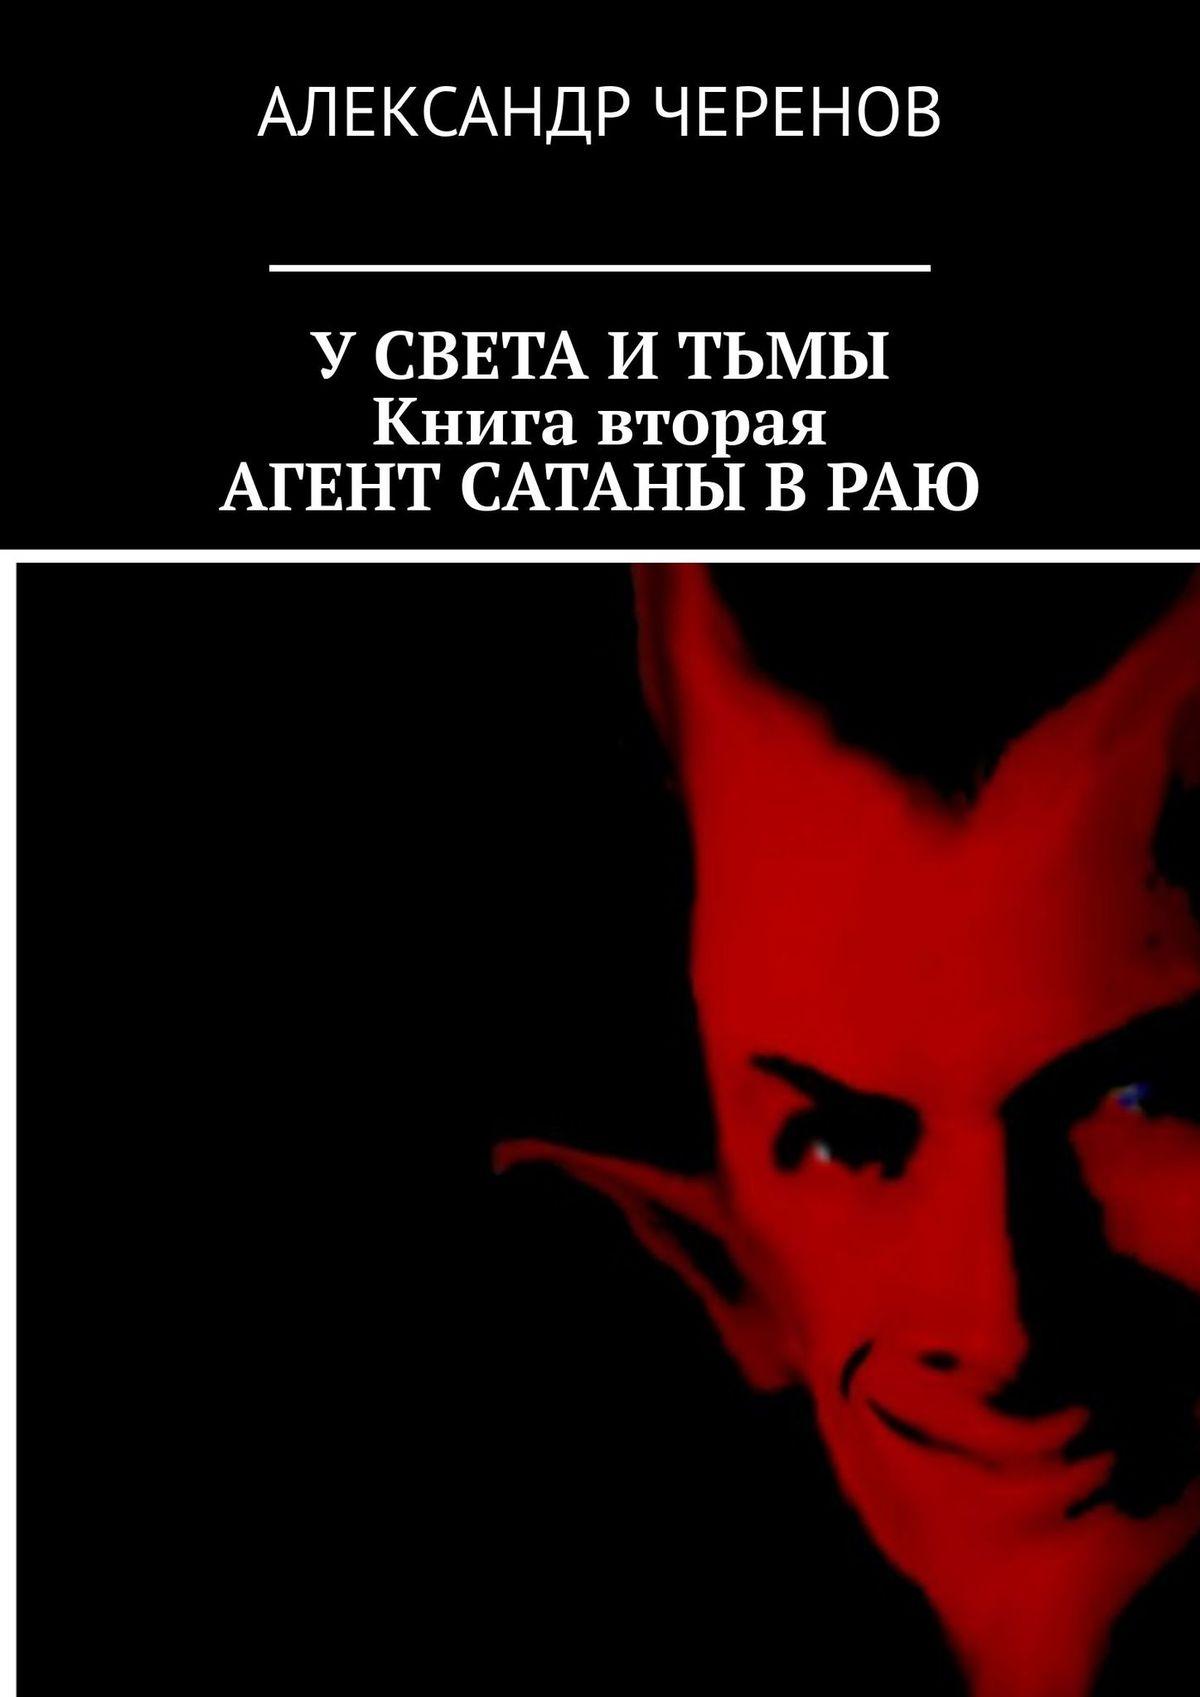 Александр Черенов Усвета итьмы. Втрёх книгах. Книга вторая. Агент Сатаны враю